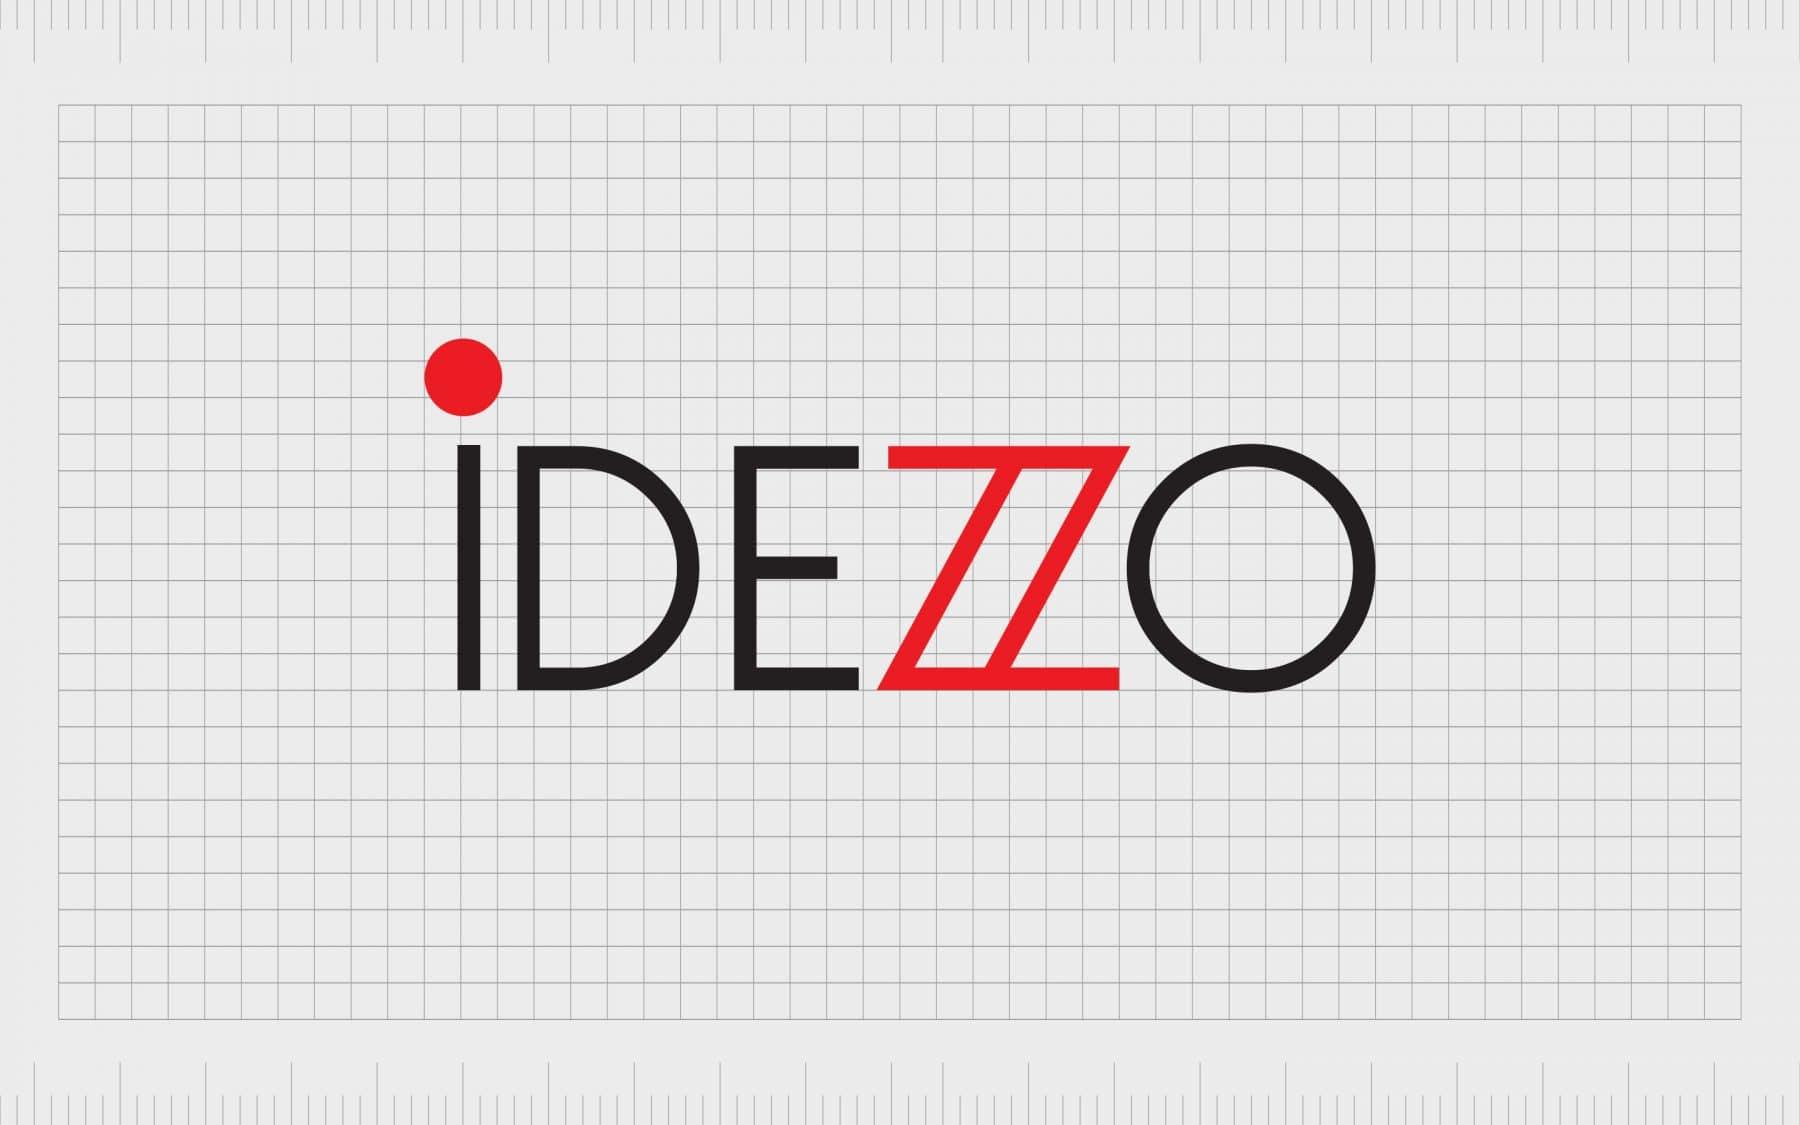 Idezzo